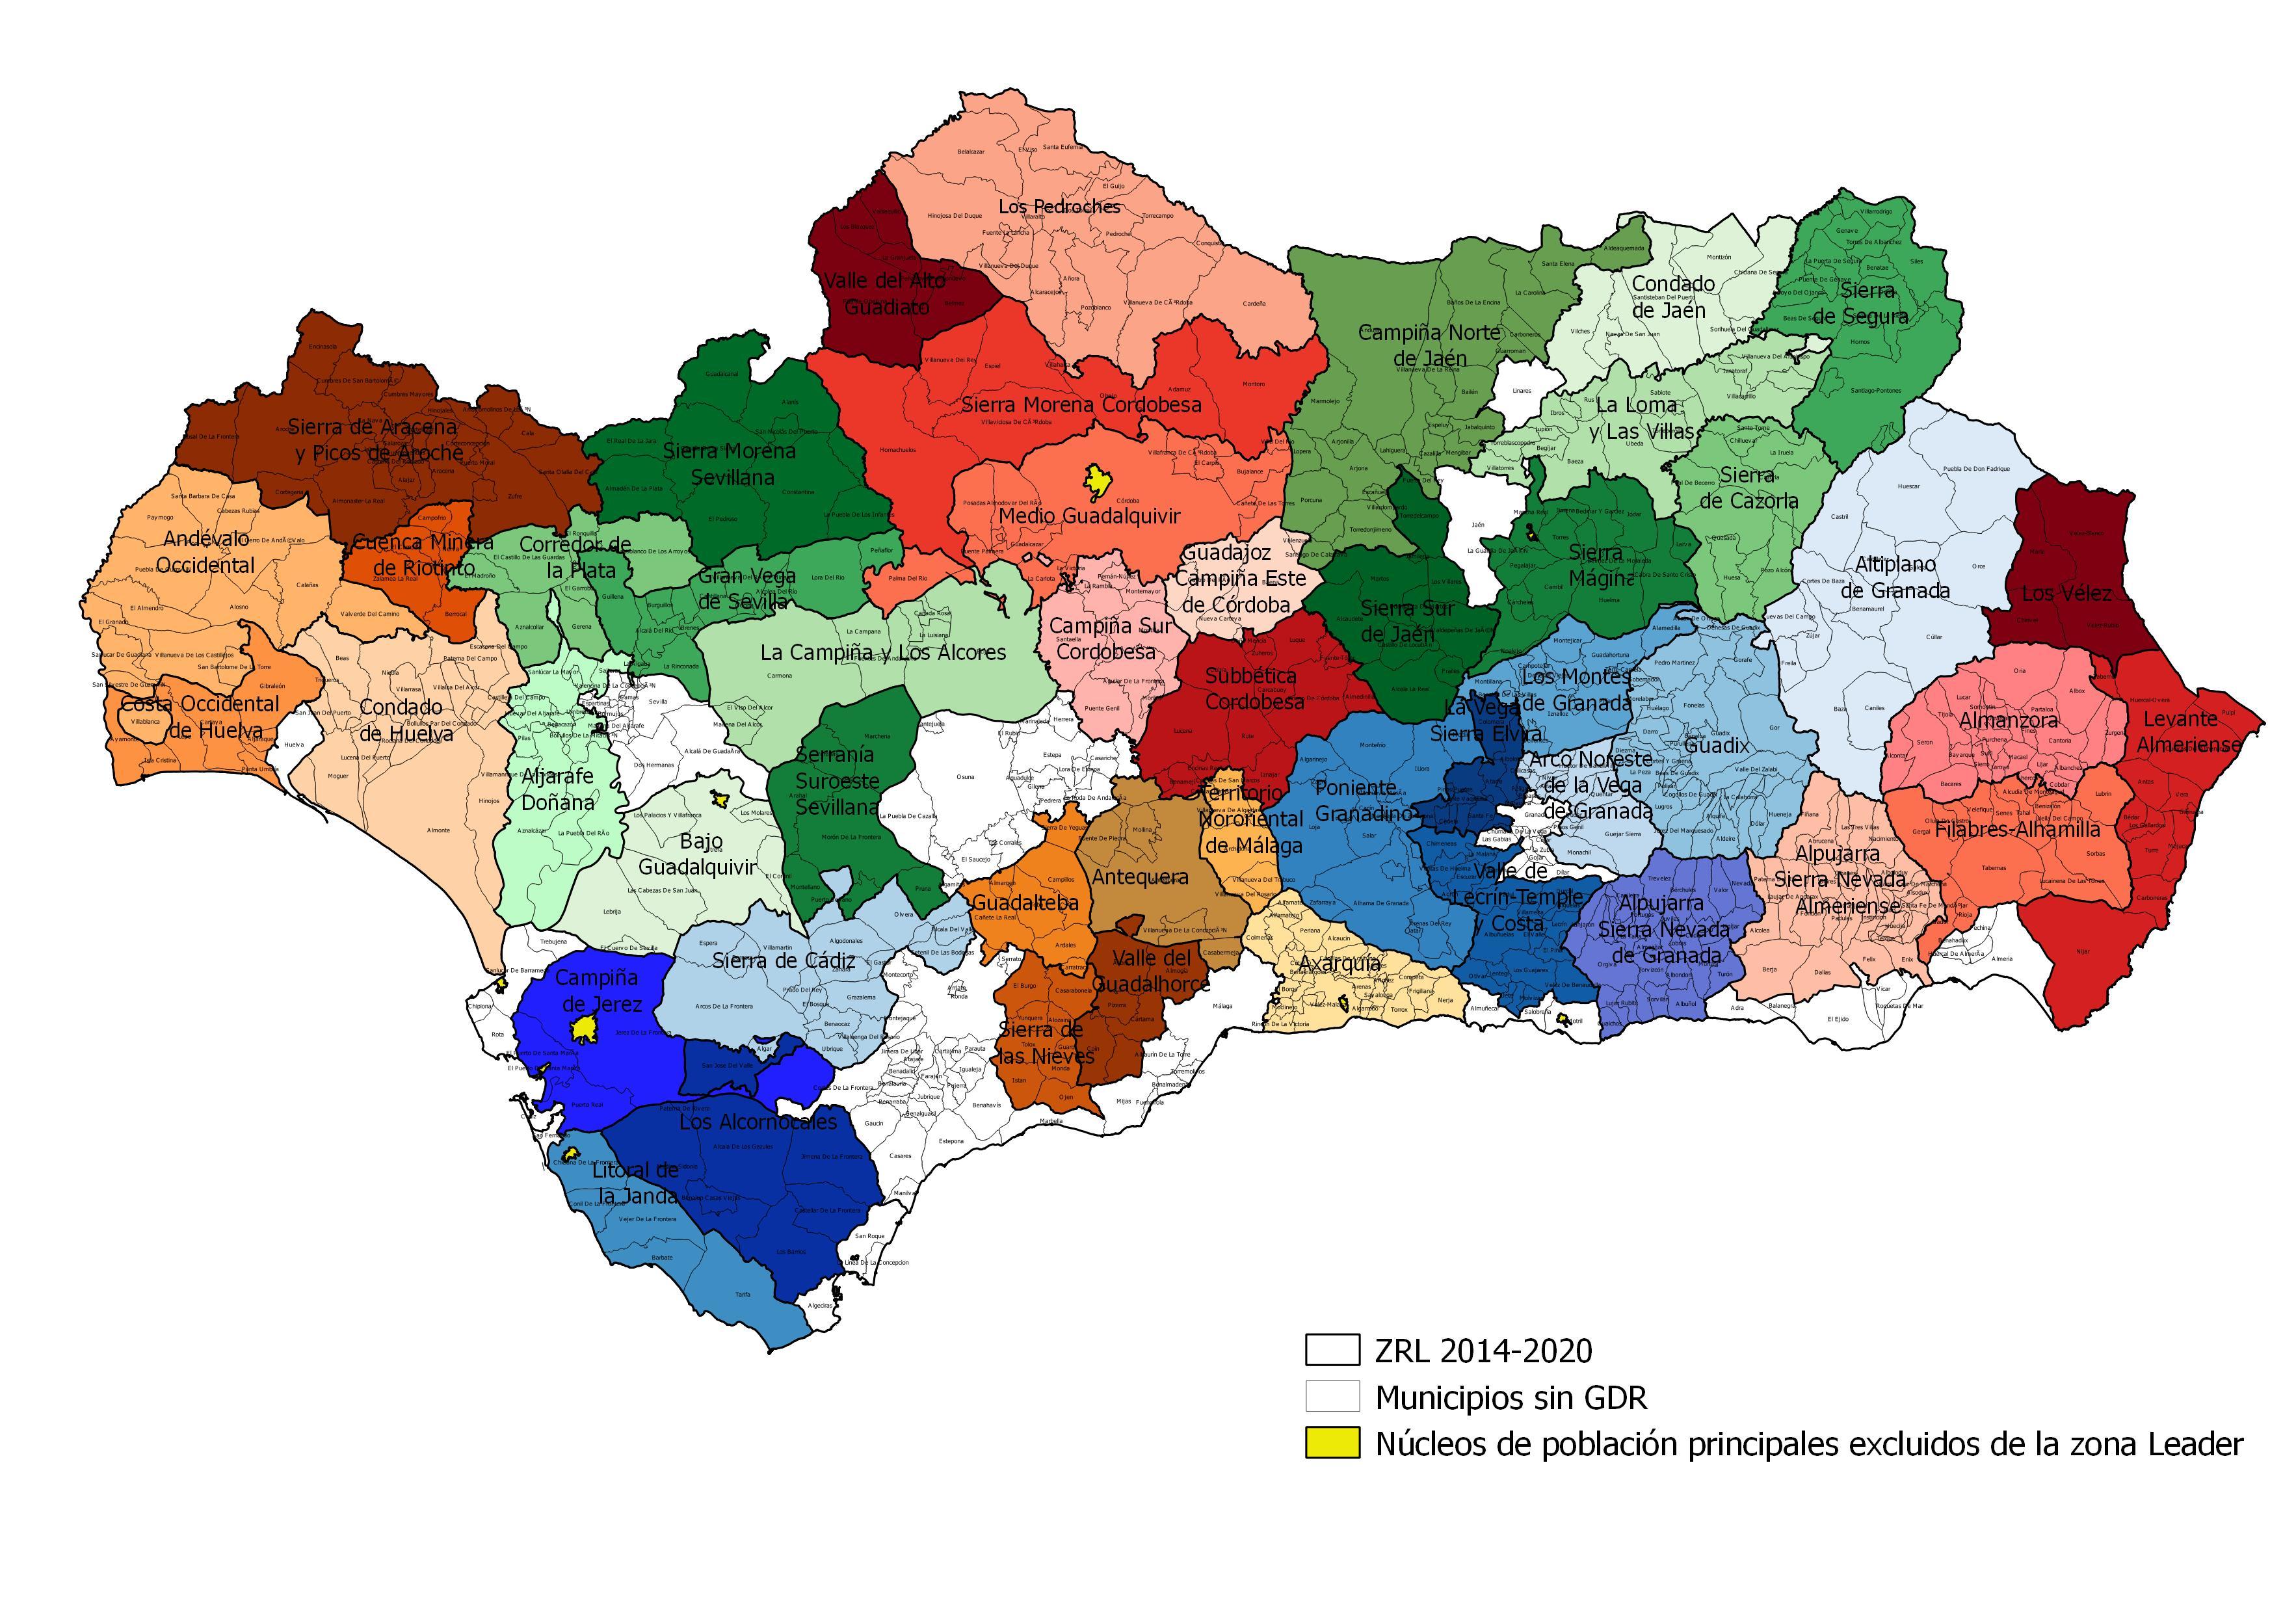 mapa-gdr-andalucia-2014-2020